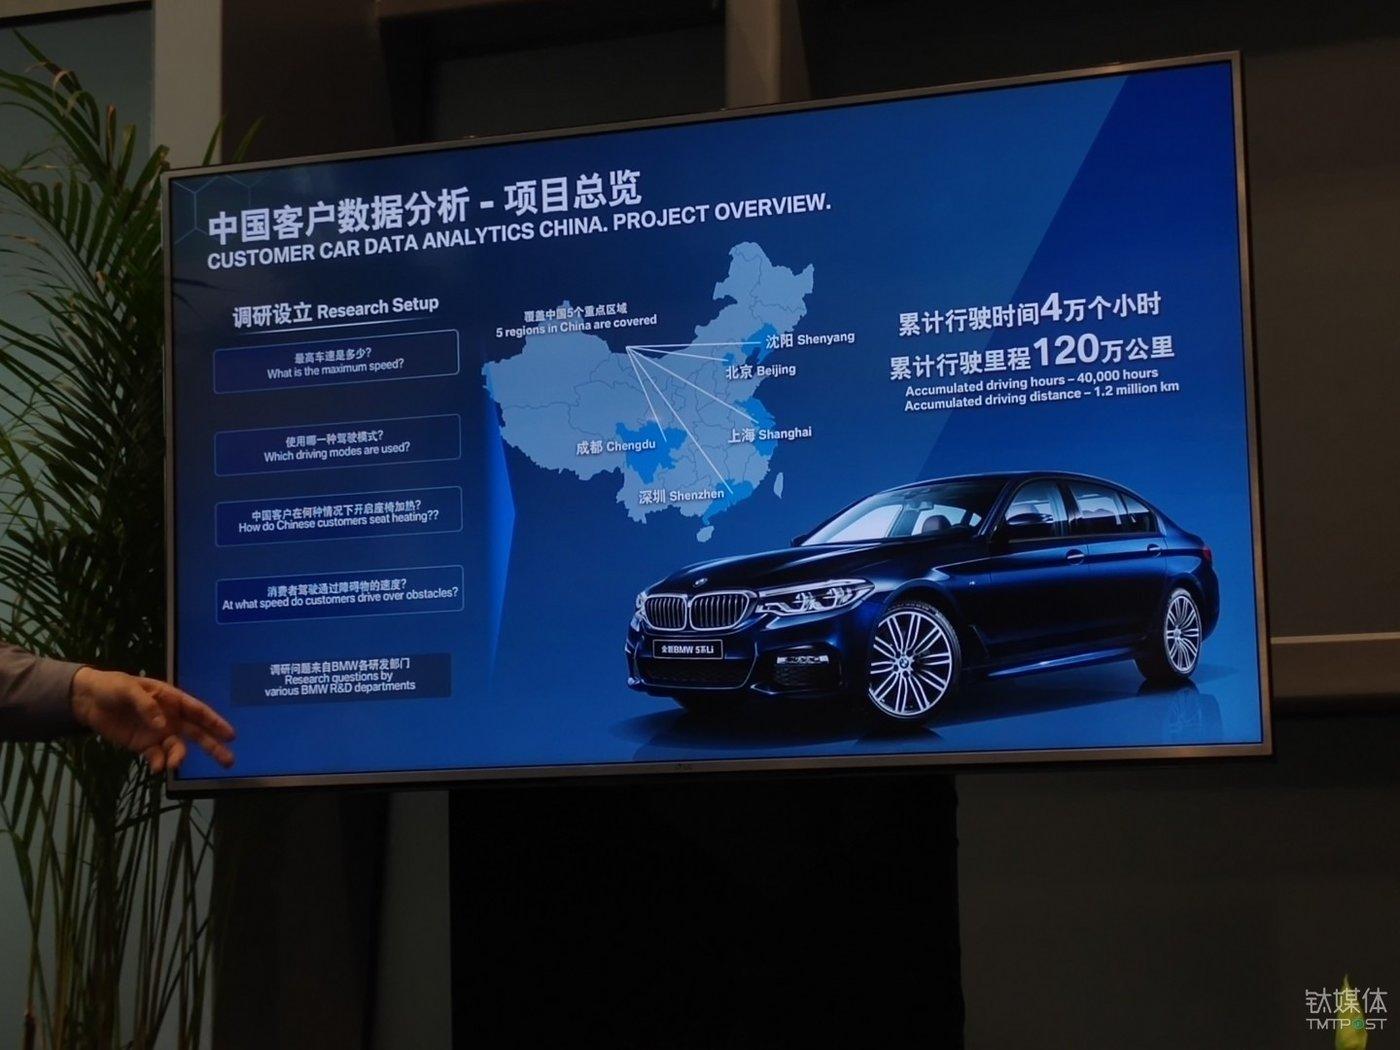 中国客户数据分析